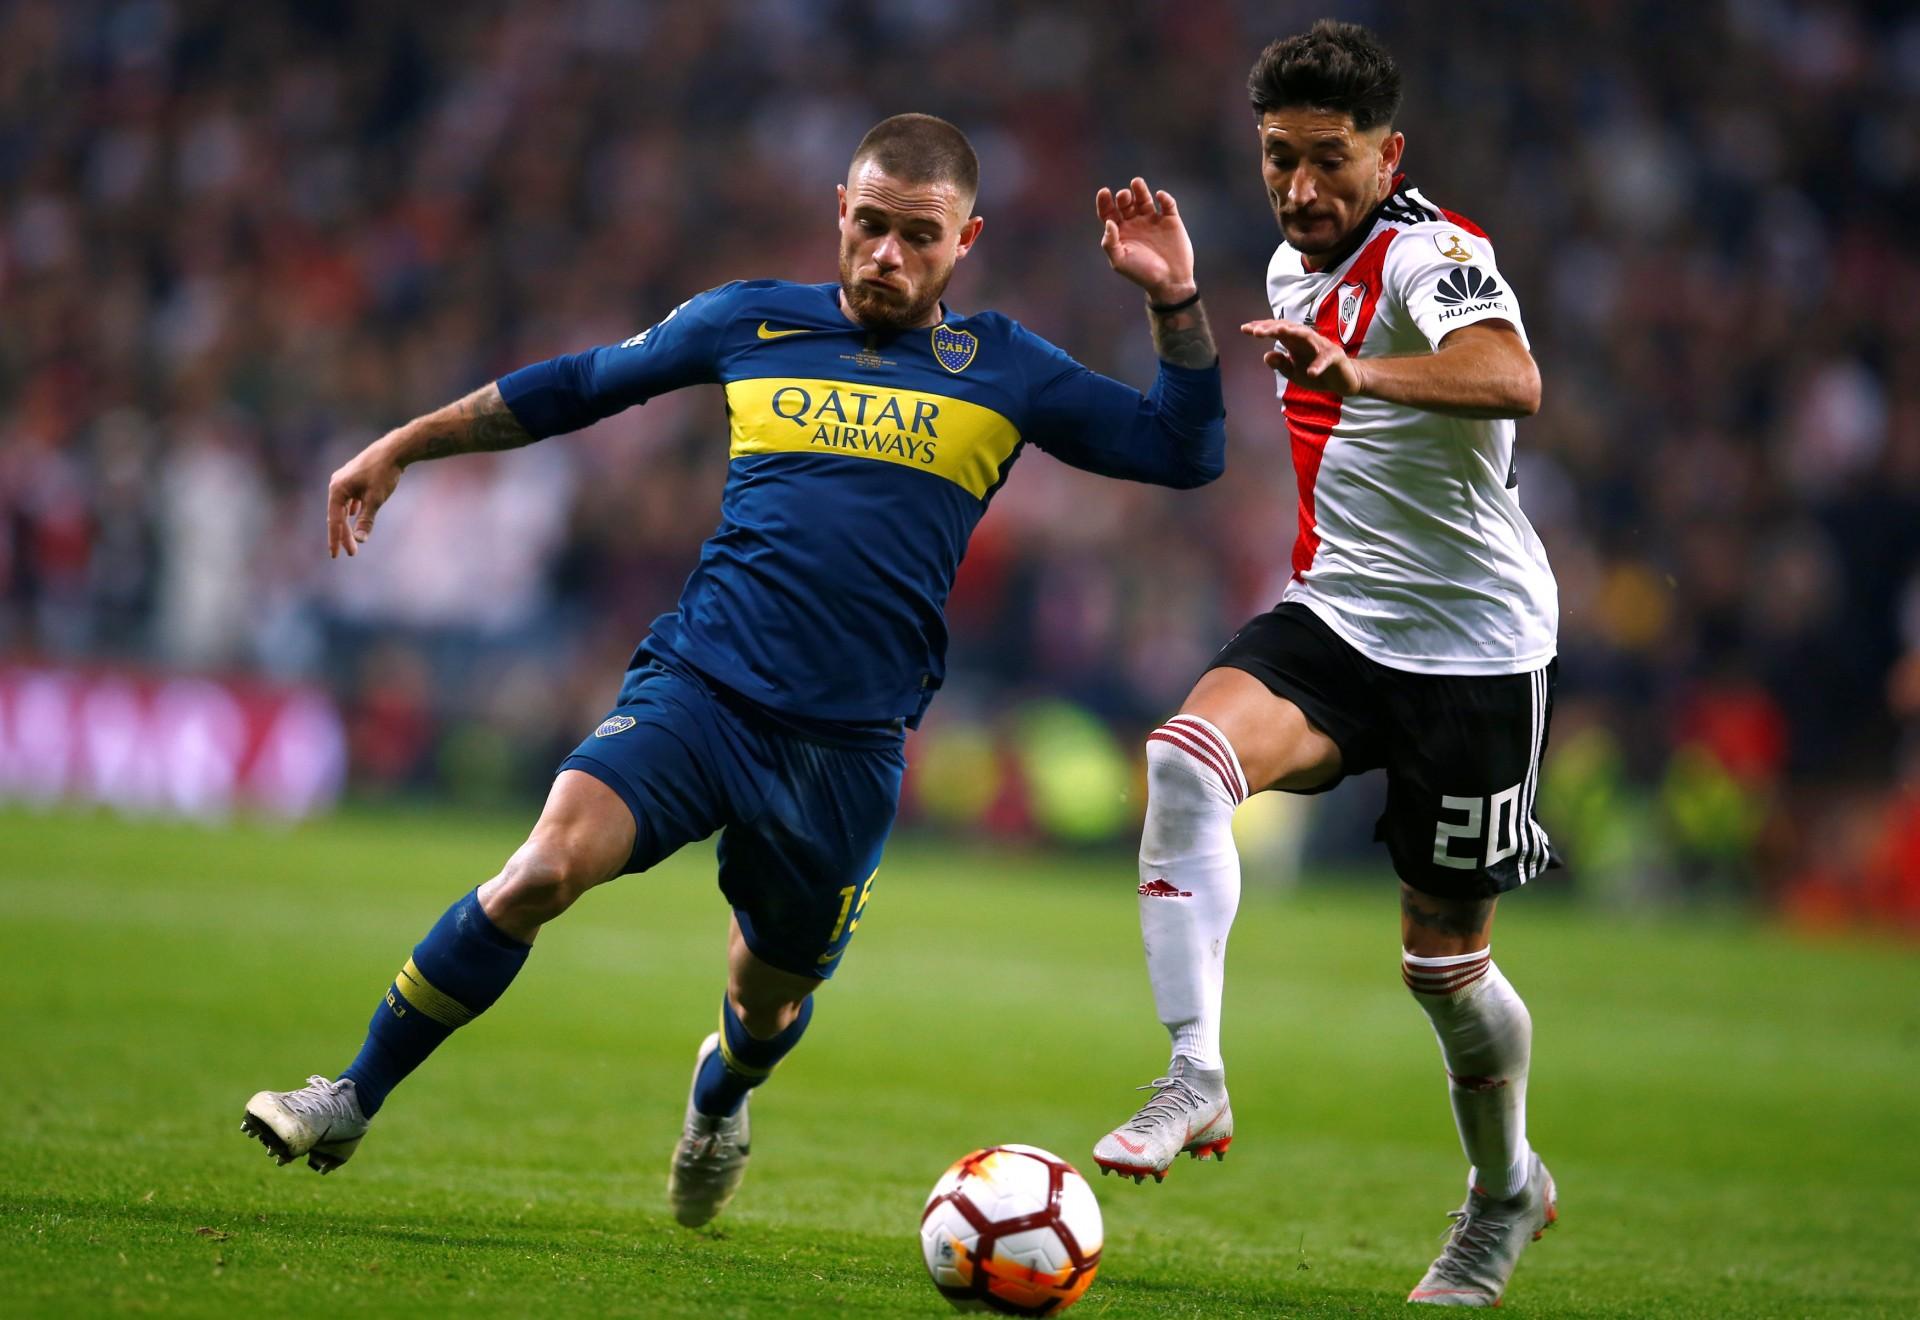 Boca y River pelean por el boleto a la Copa Libertadores 2020 (REUTERS)